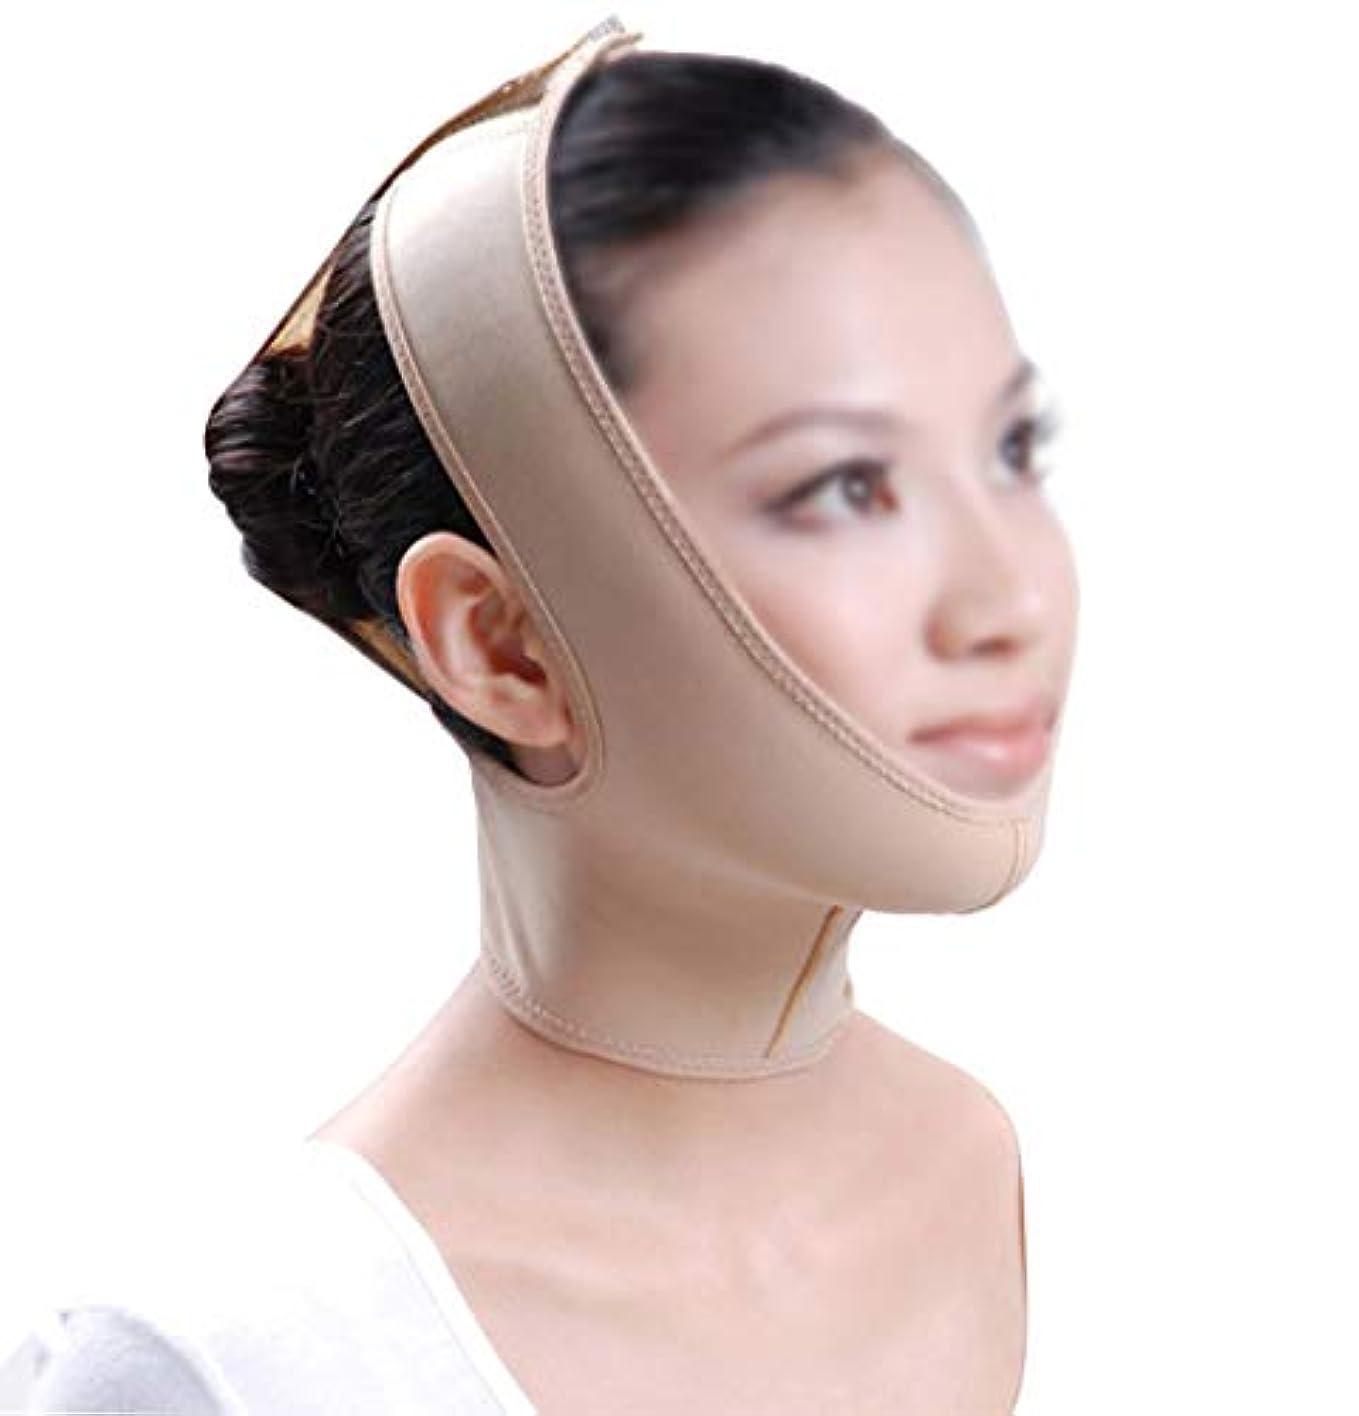 かどうか他の場所カードGLJJQMY 引き締めマスクマスク強力なフェイスリフティングリハビリ弾性フェイスリフティング引き締め首あご整形リハビリチンスリーブ 顔用整形マスク (Size : XL)